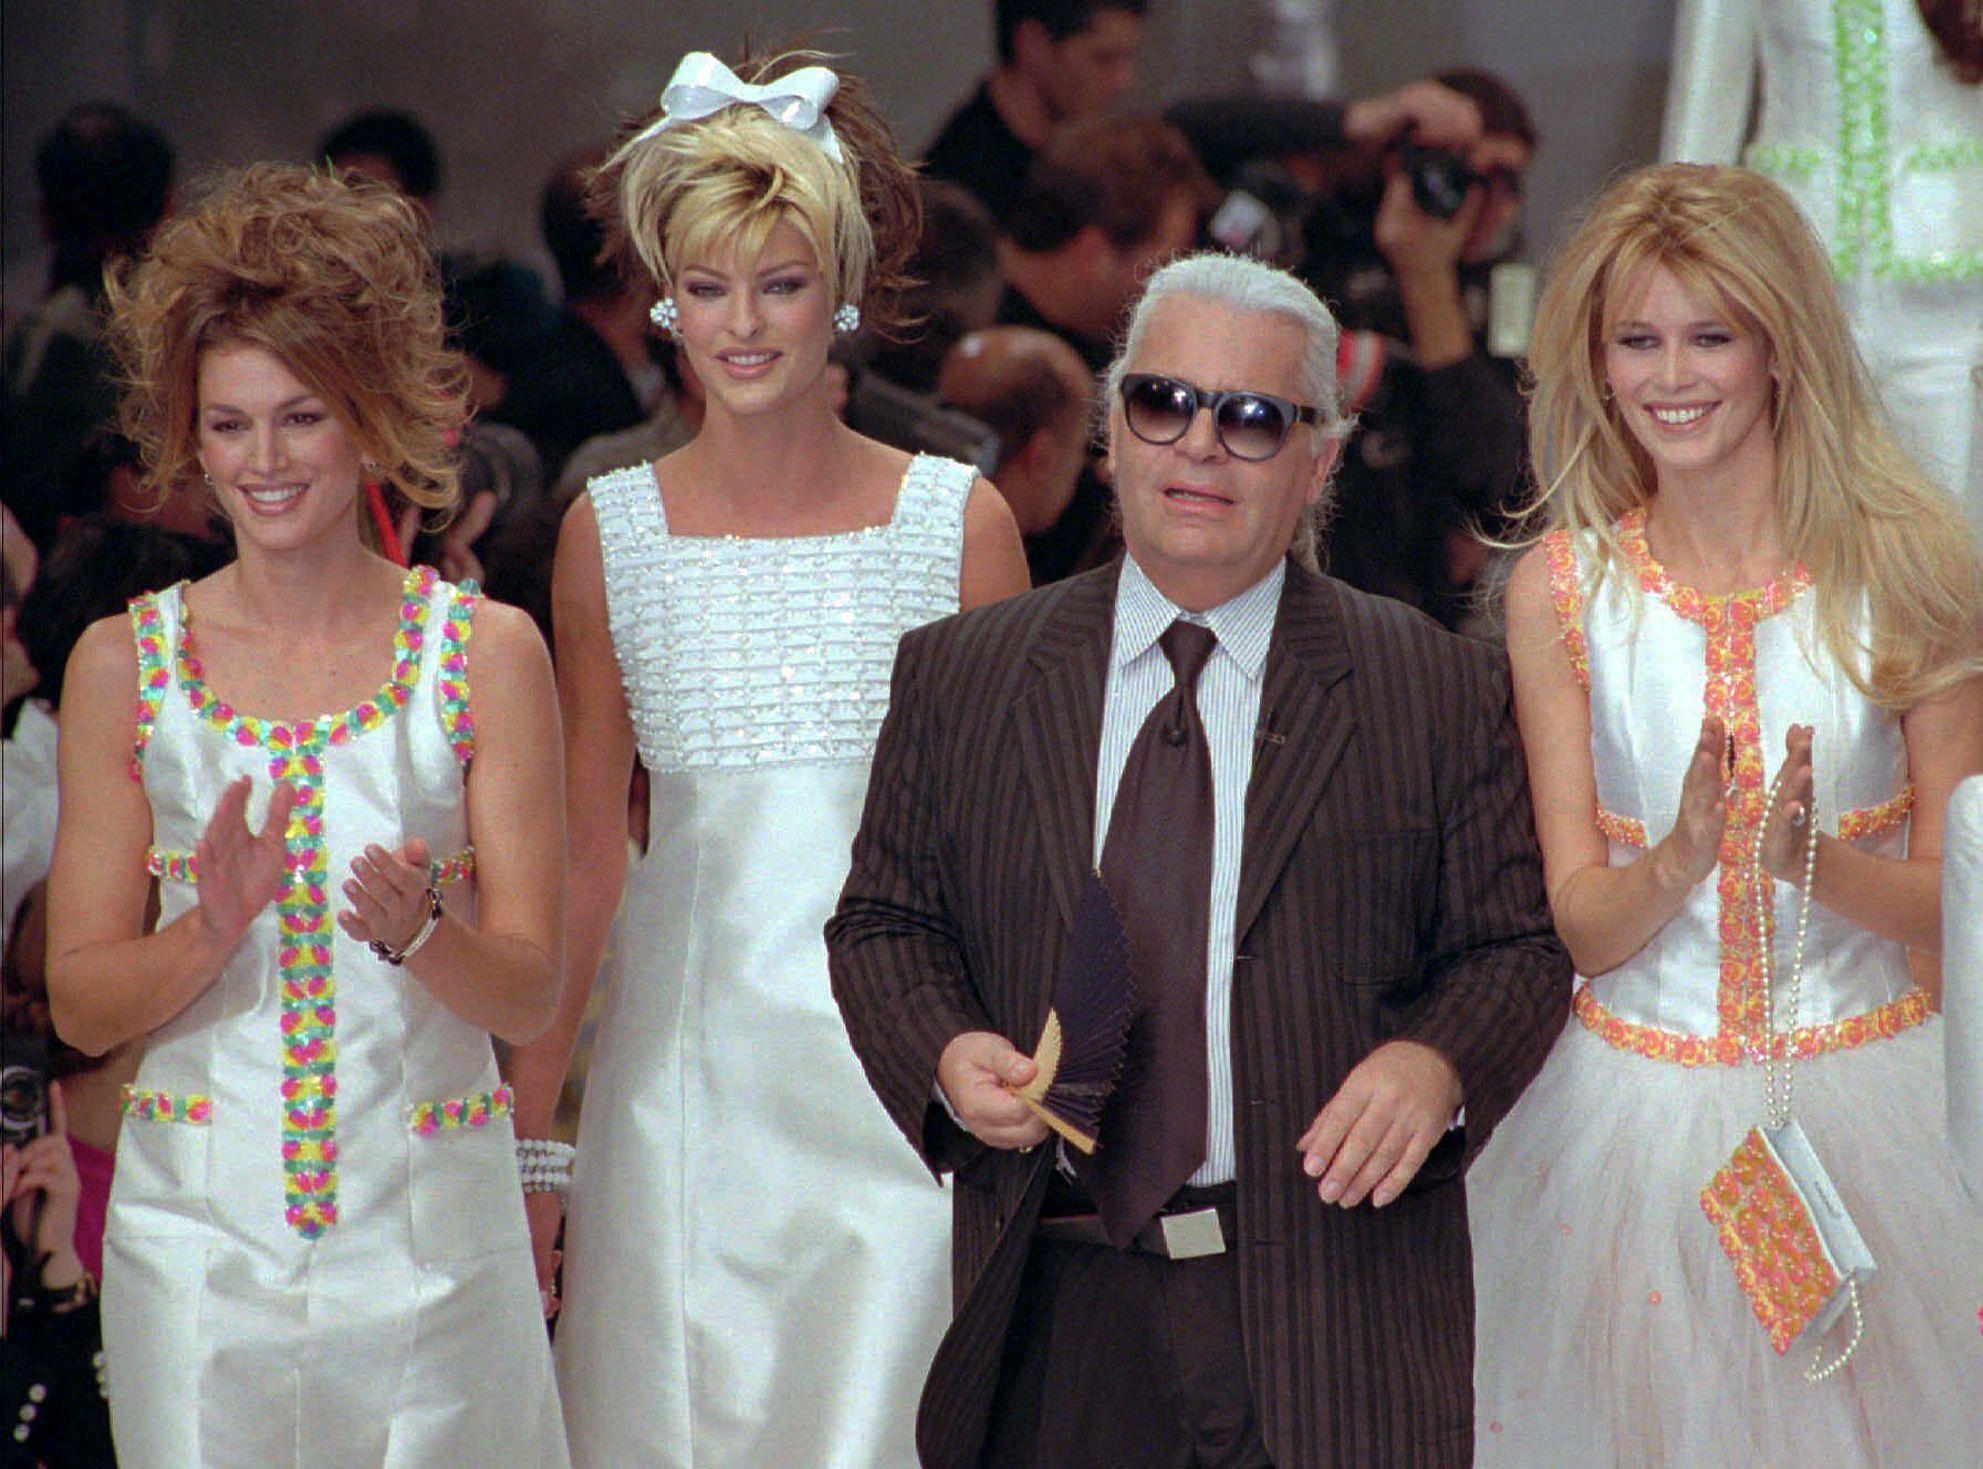 Muere Karl Lagerfeld, famoso diseñador de moda de Chanel